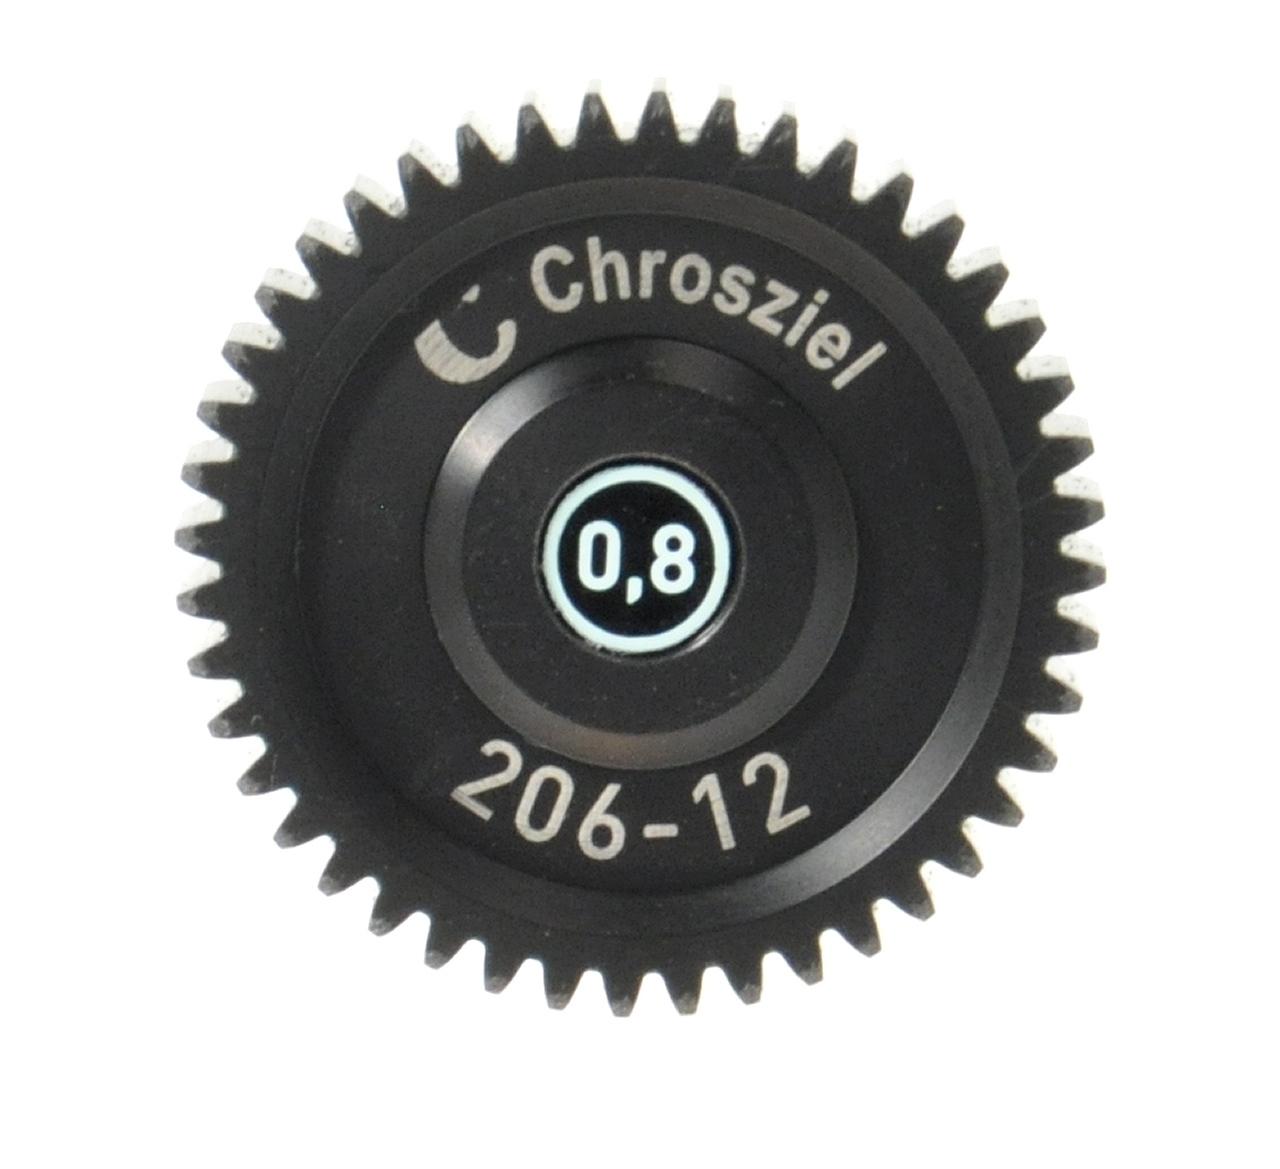 Zahnrad für 206-05S + 206-60S, mod 0.8, Ø 36,8mm